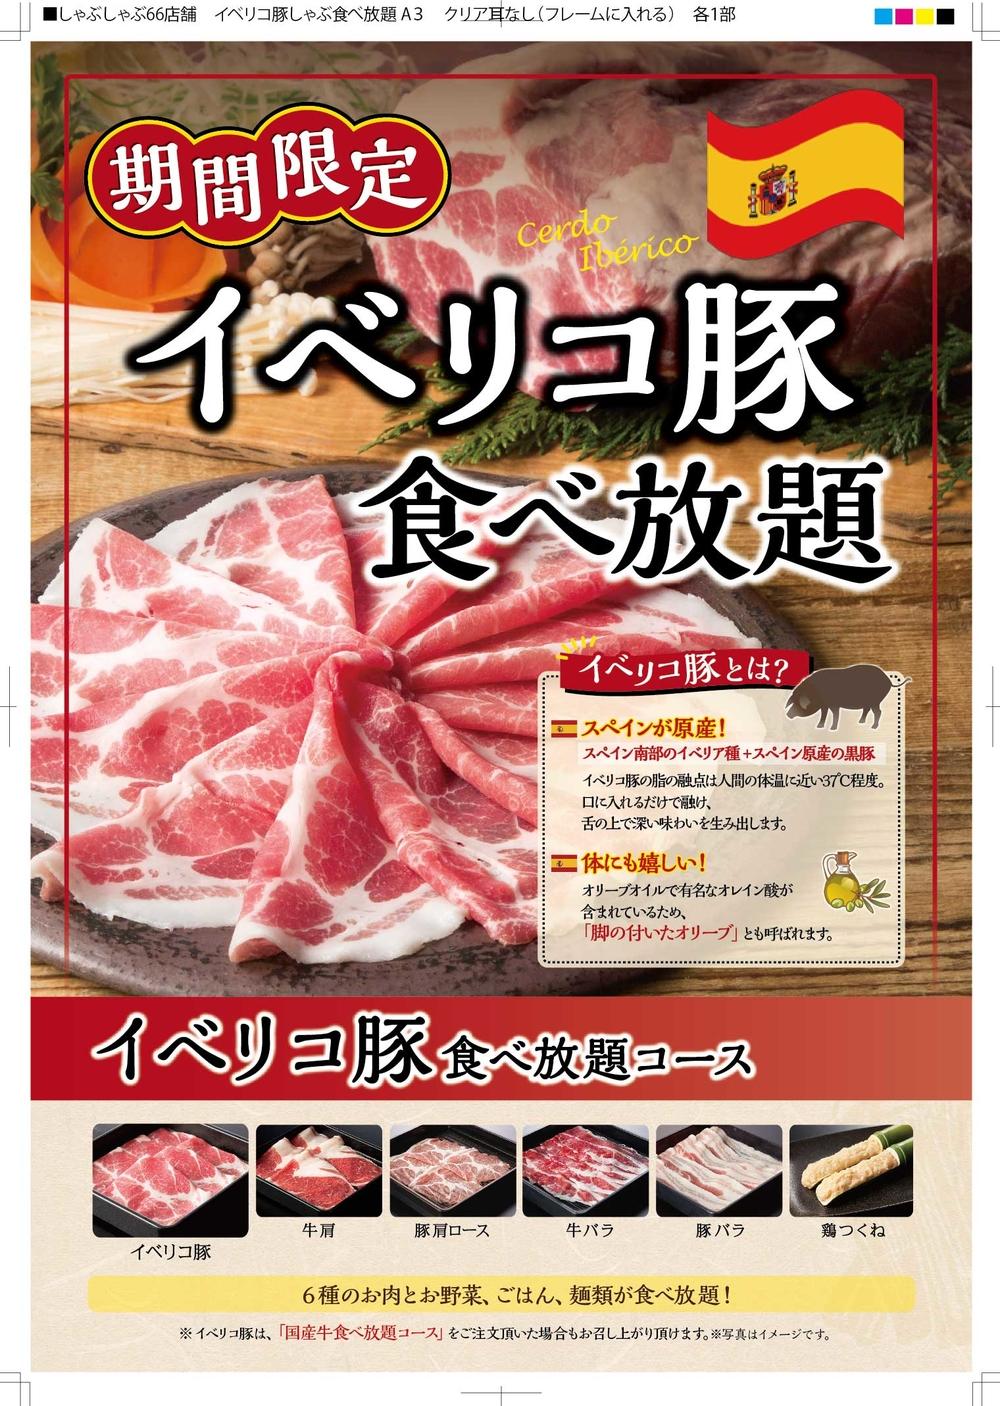 しゃぶしゃぶ食べ放題しゃぶ菜 shabu SAI